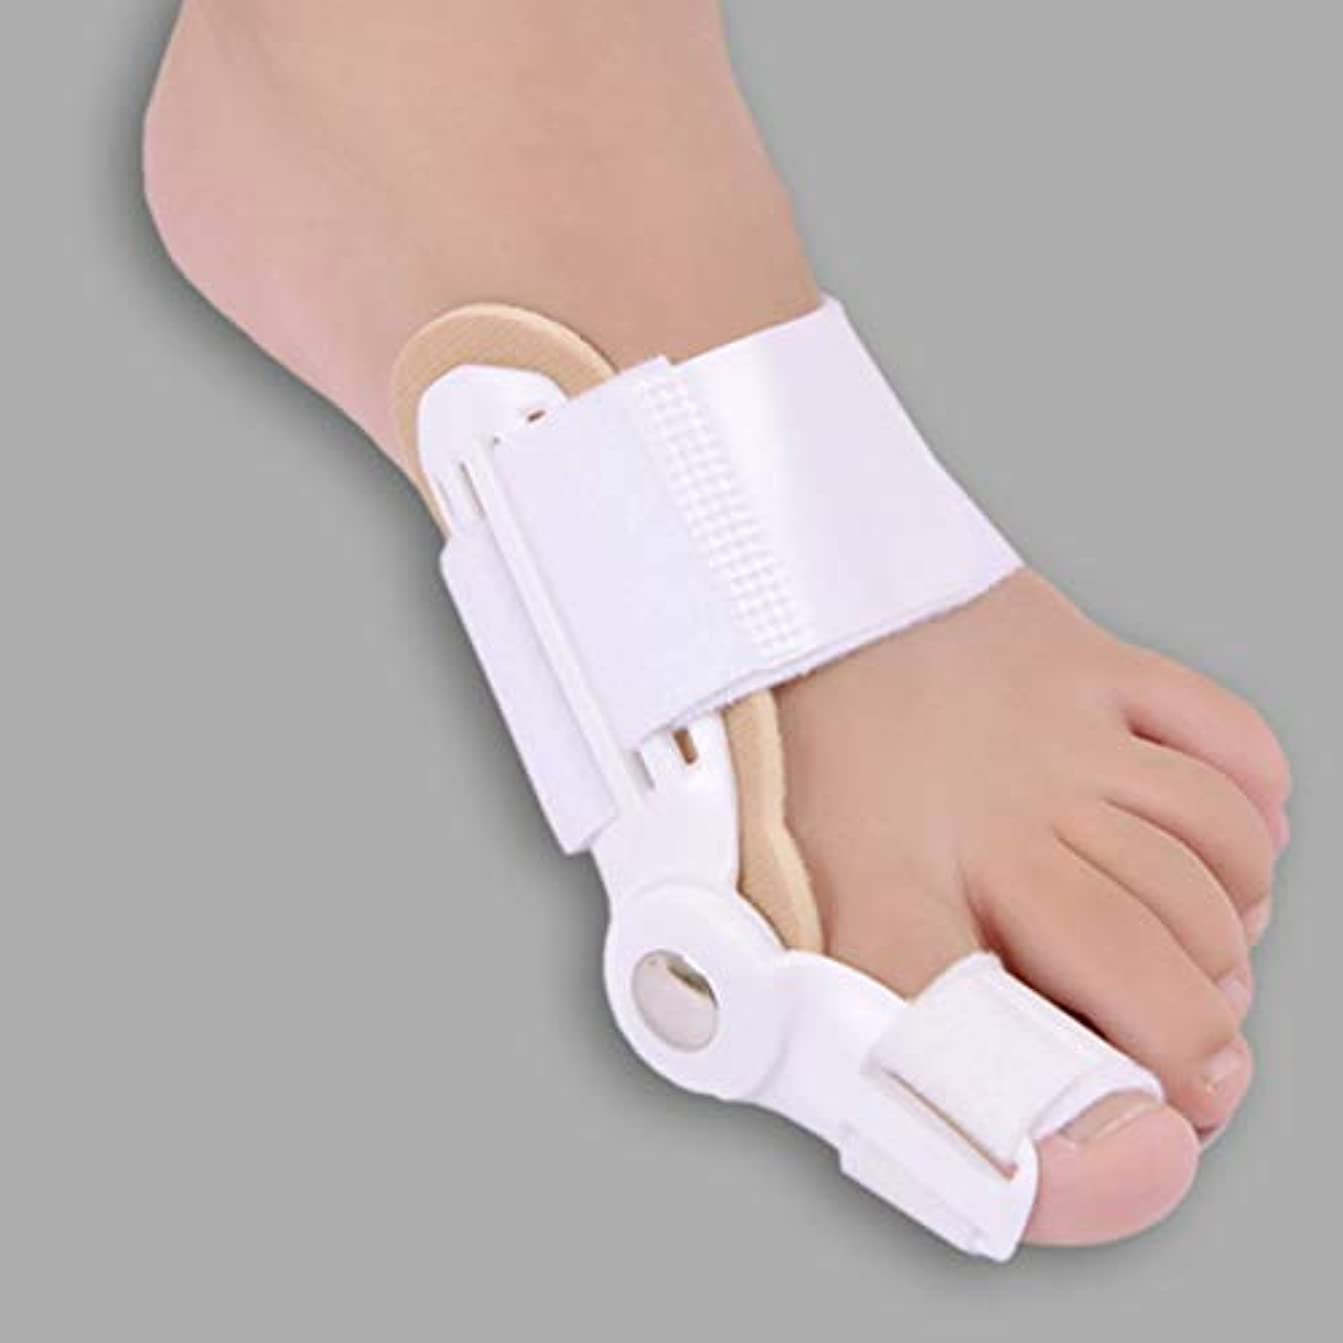 欺くプロトタイプ払い戻し1pcs Bunion Pain Relief Gel Toe Separators Stretchers Spreaders Foot Pads Cushion Feet Care Shoes Insoles Pad